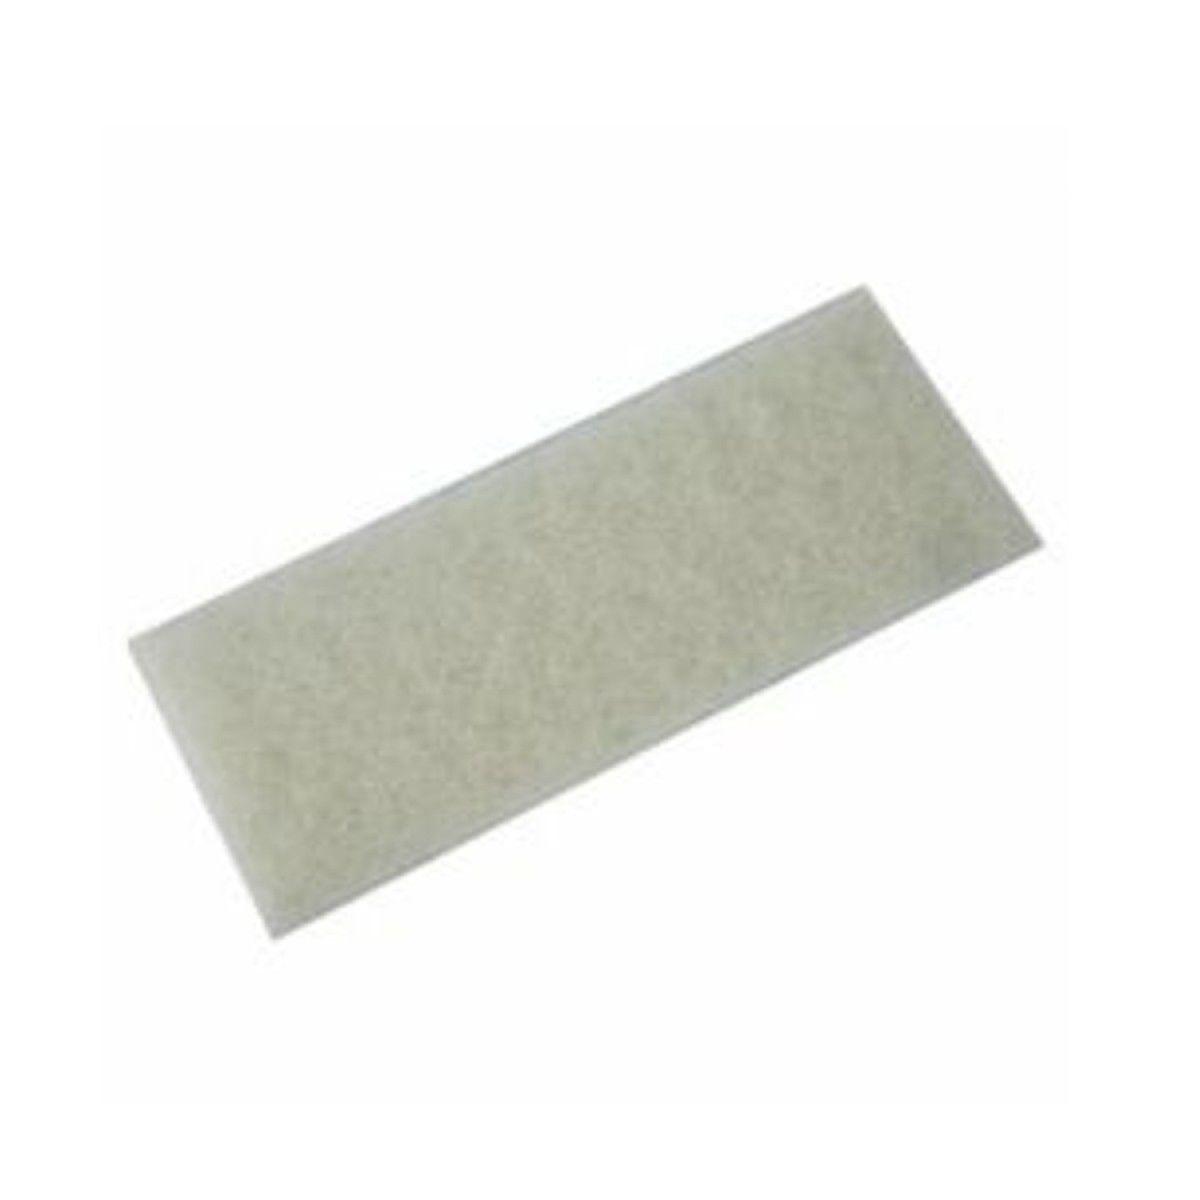 PACOTE Com 10 Fibra de Limpeza Macia Branca Para Suporte LT 10x26 cm